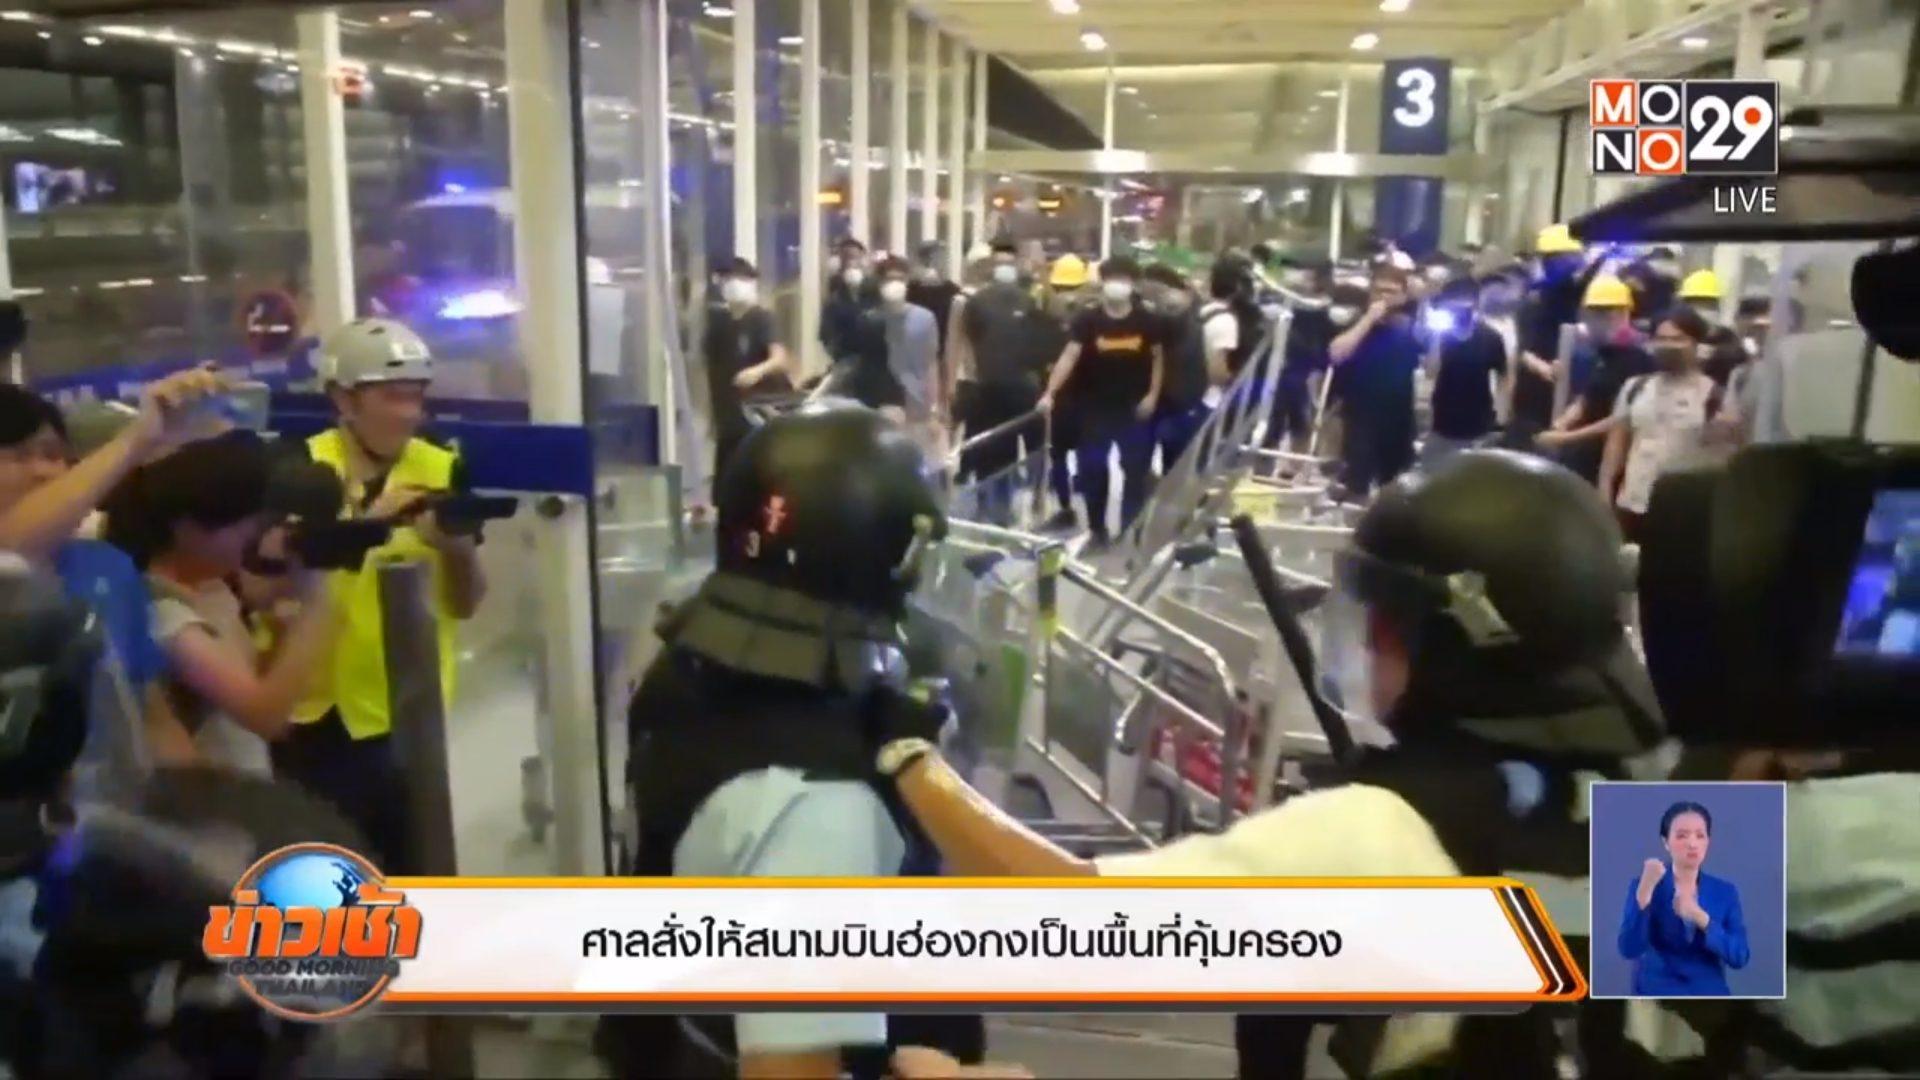 ชุมนุมฮ่องกง ประท้วงฮ่องกง สนามบินฮ่องกง